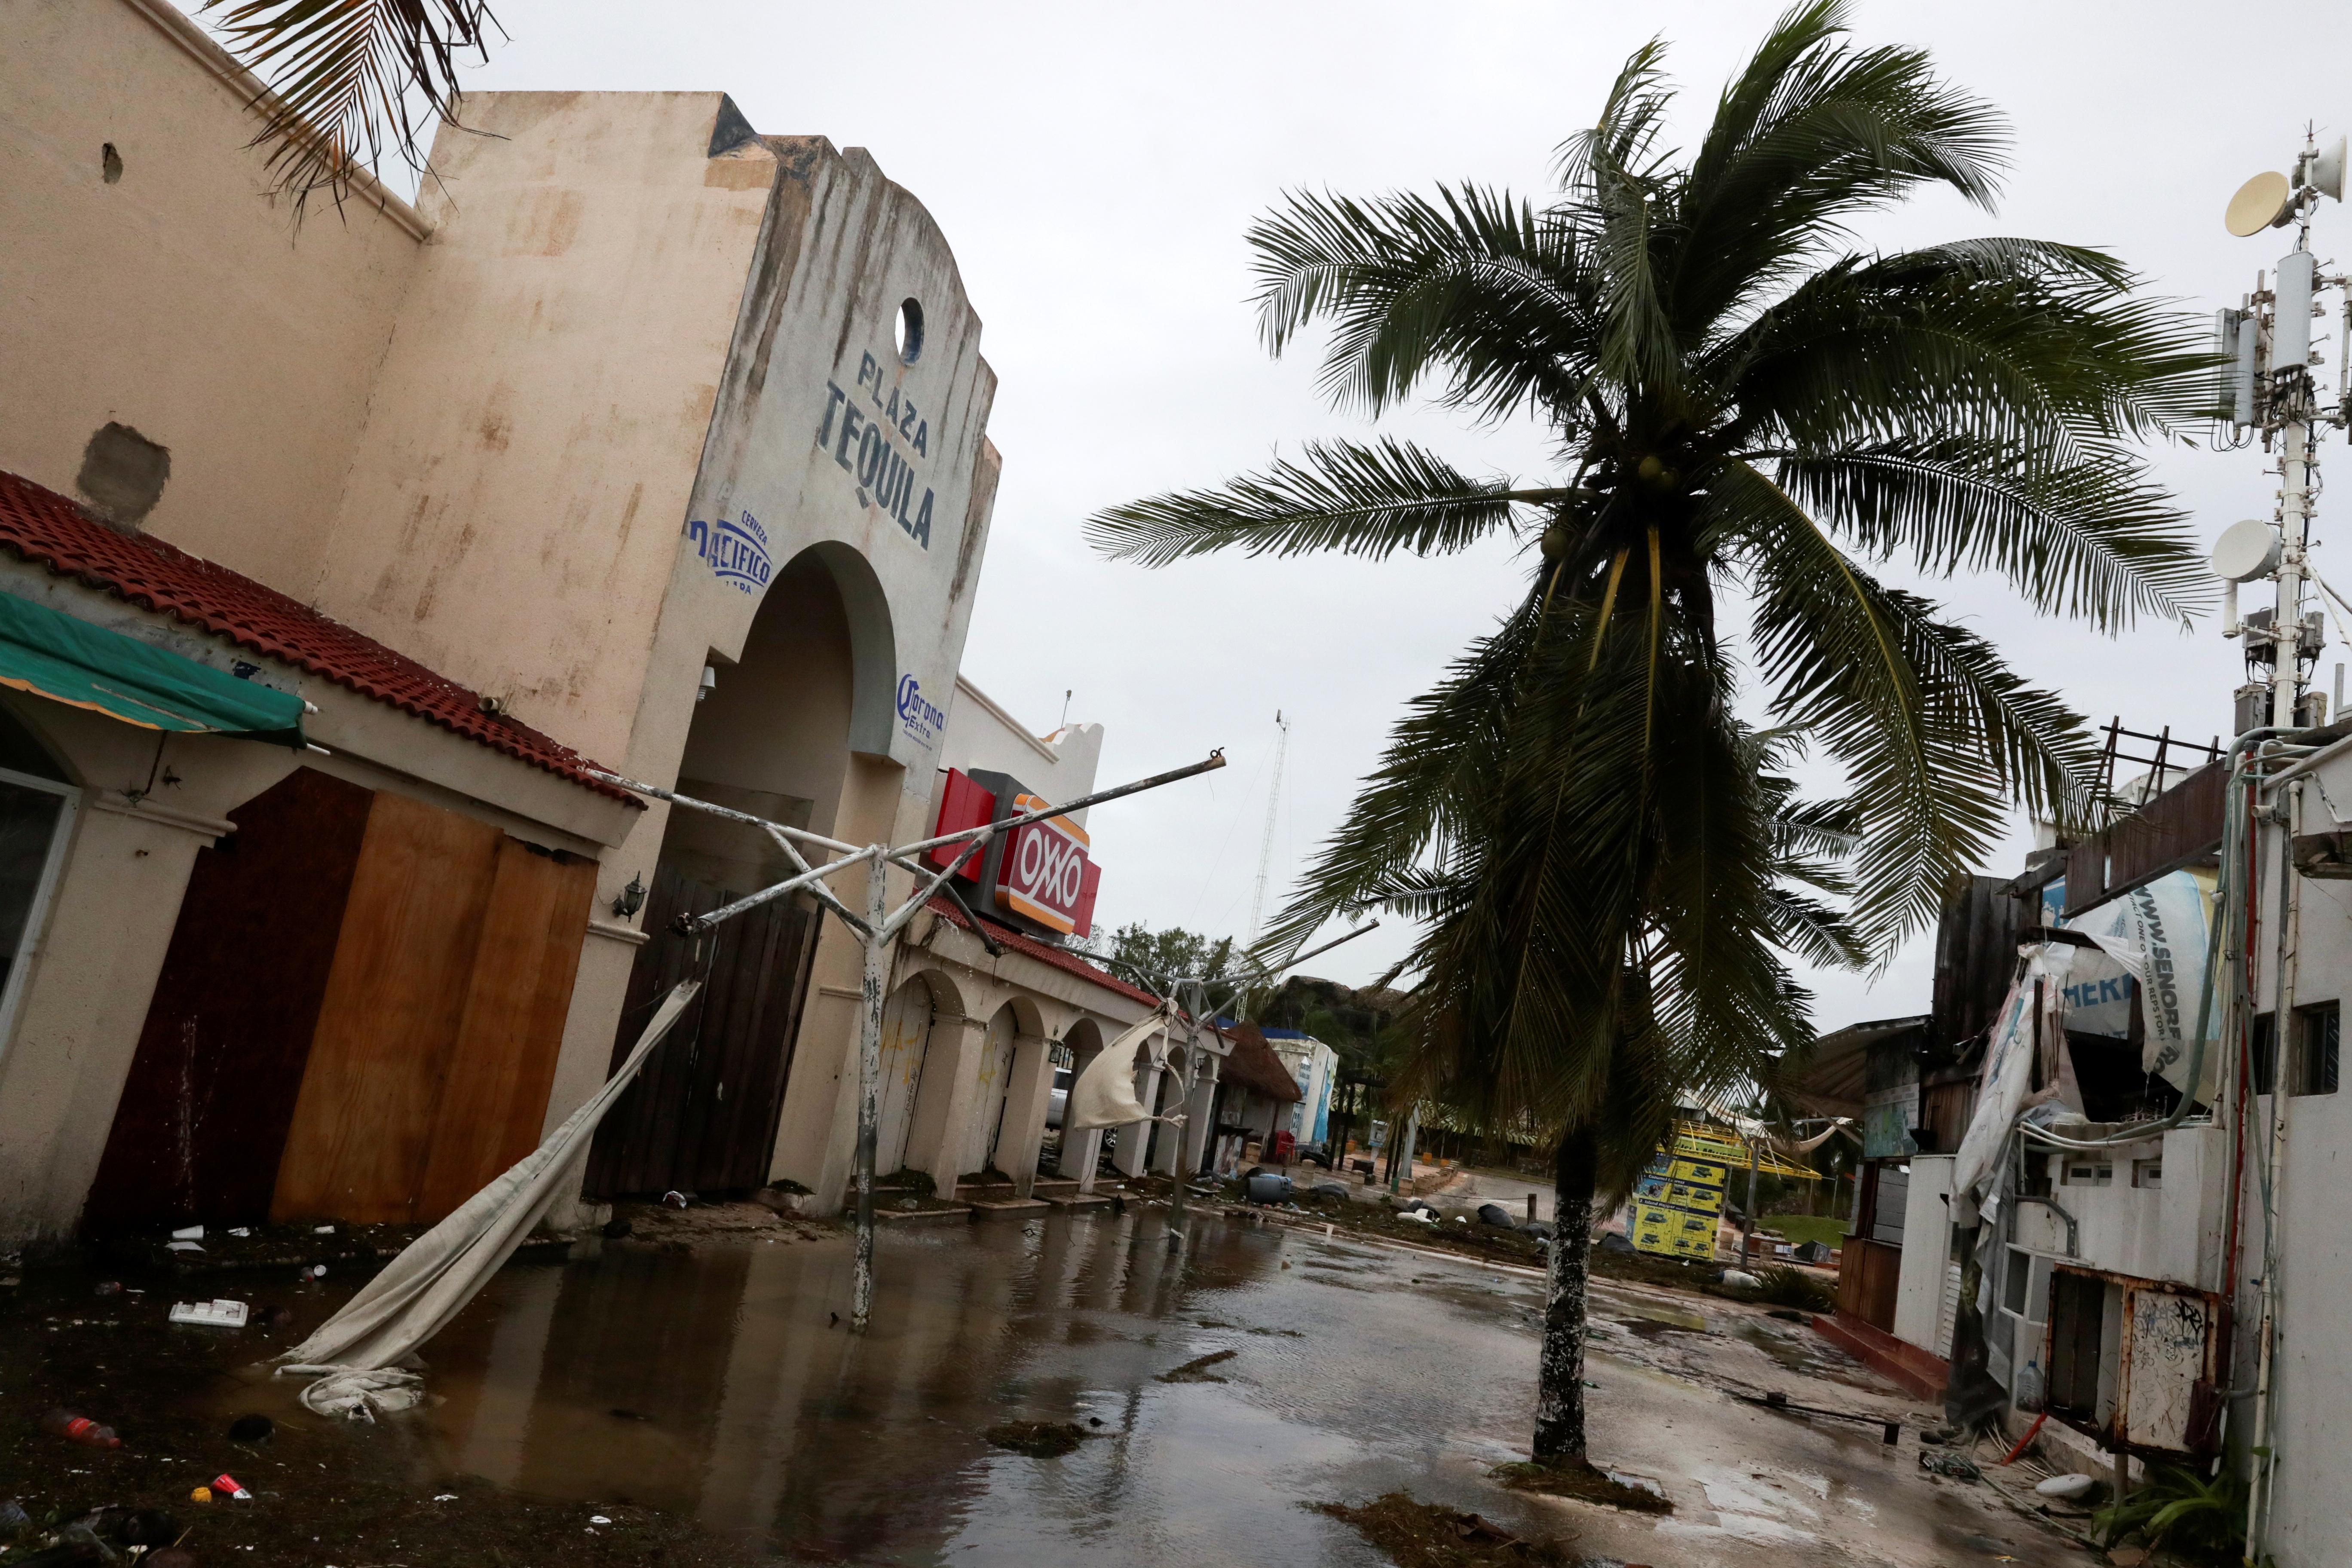 Una plaza dañada después del golpe del huracán Delta, en Cancún, en el estado de Quintana Roo, México, el 7 de octubre de 2020.